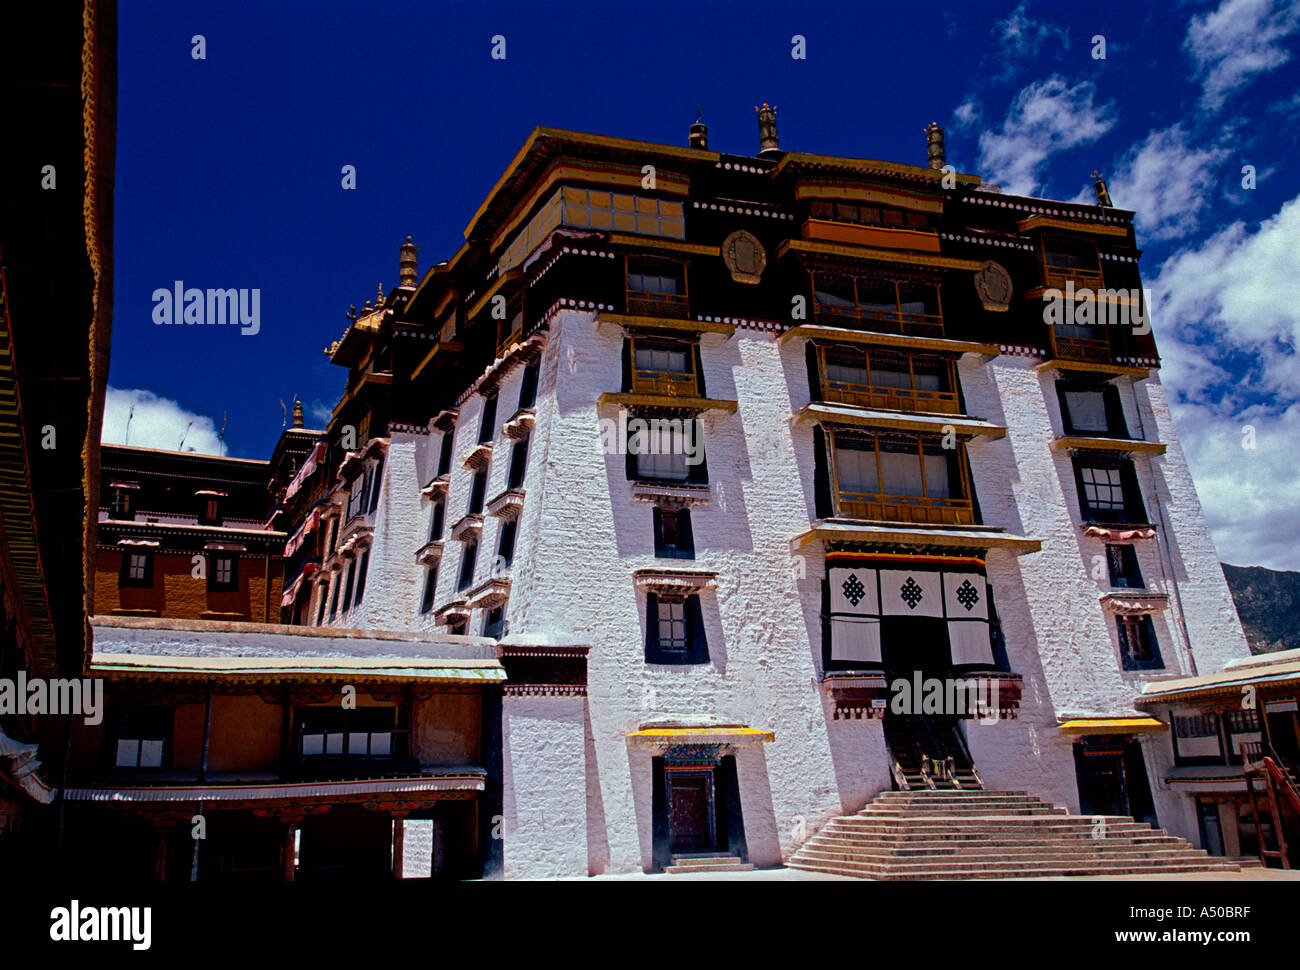 east entrance, White Palace, The Potala Palace, Potala Palace, city of Lhasa, Lhasa, Tibet, China, Asia - Stock Image